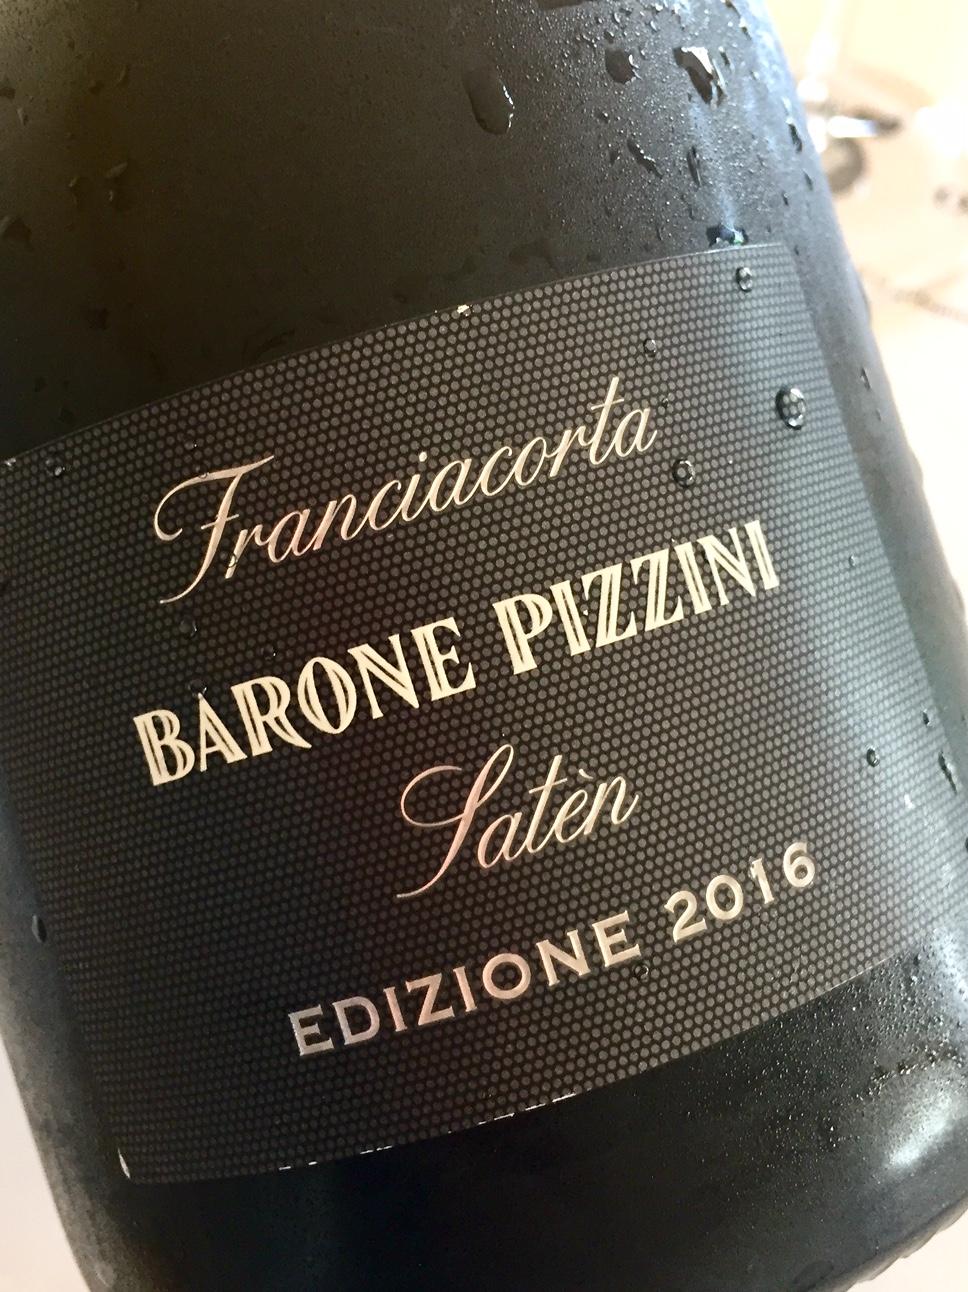 Saten Edizione 2016 Barone Pizzini